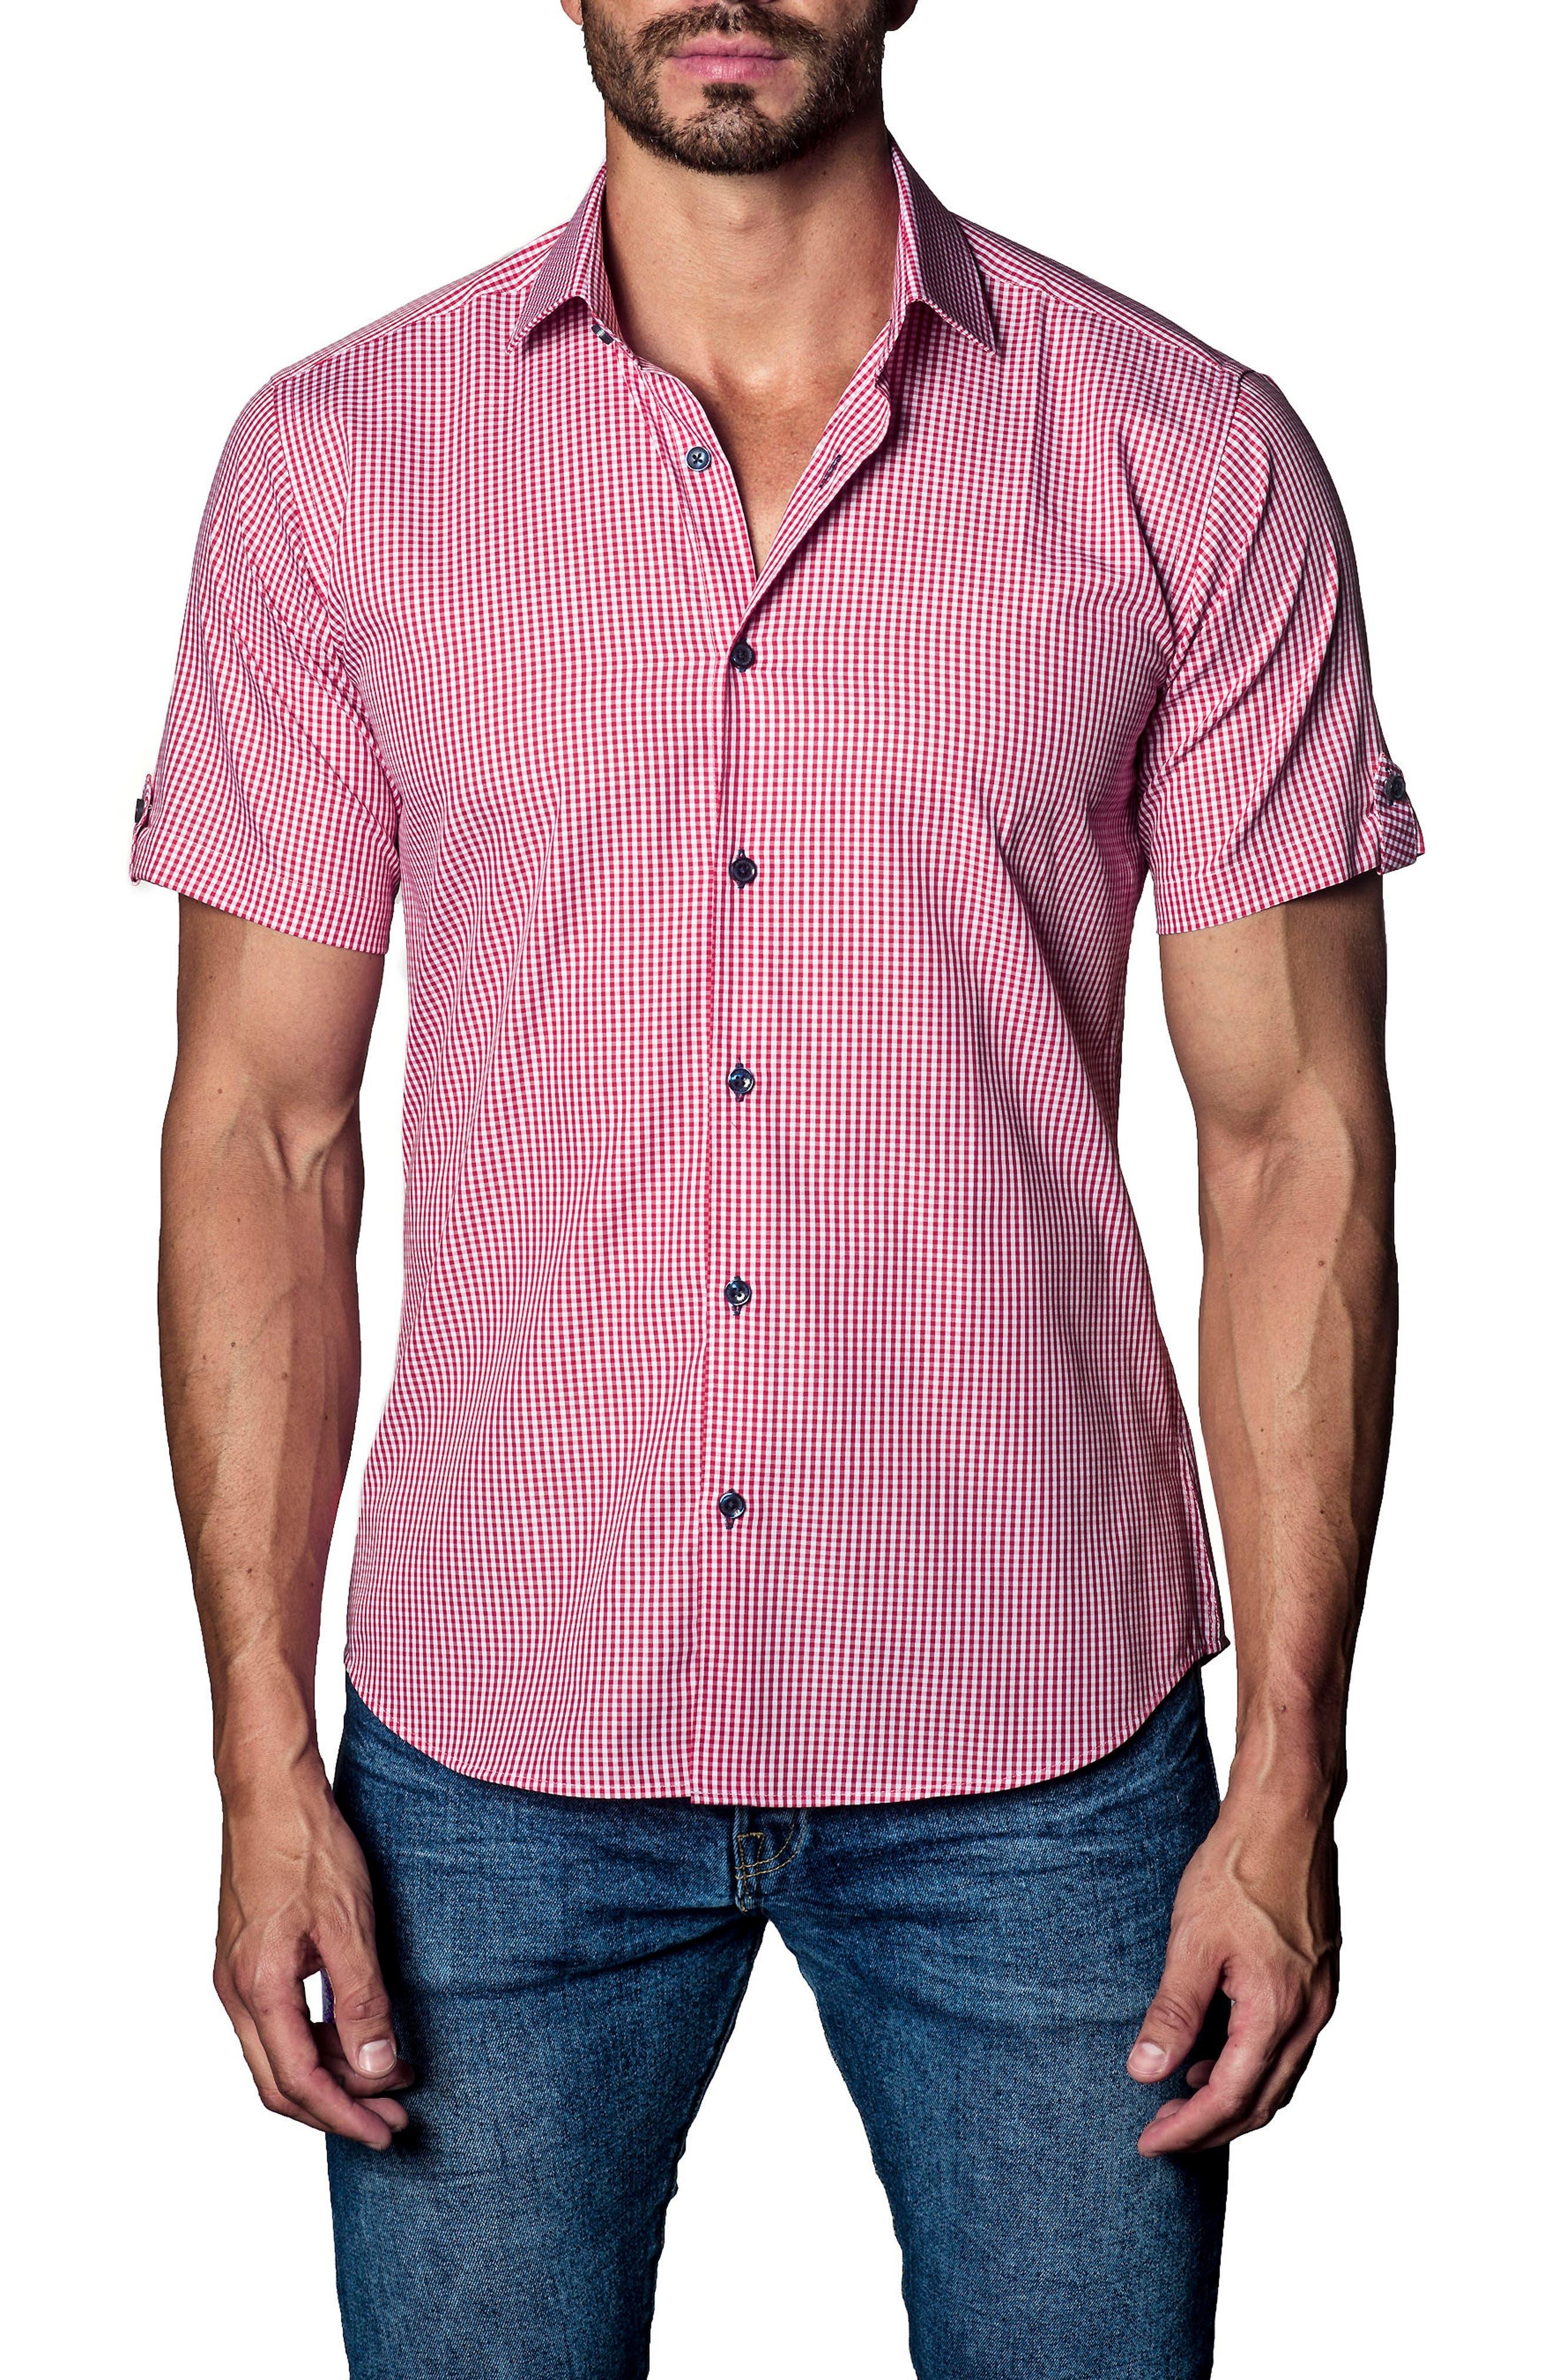 Main Image - Jared Lang Check Sport Shirt